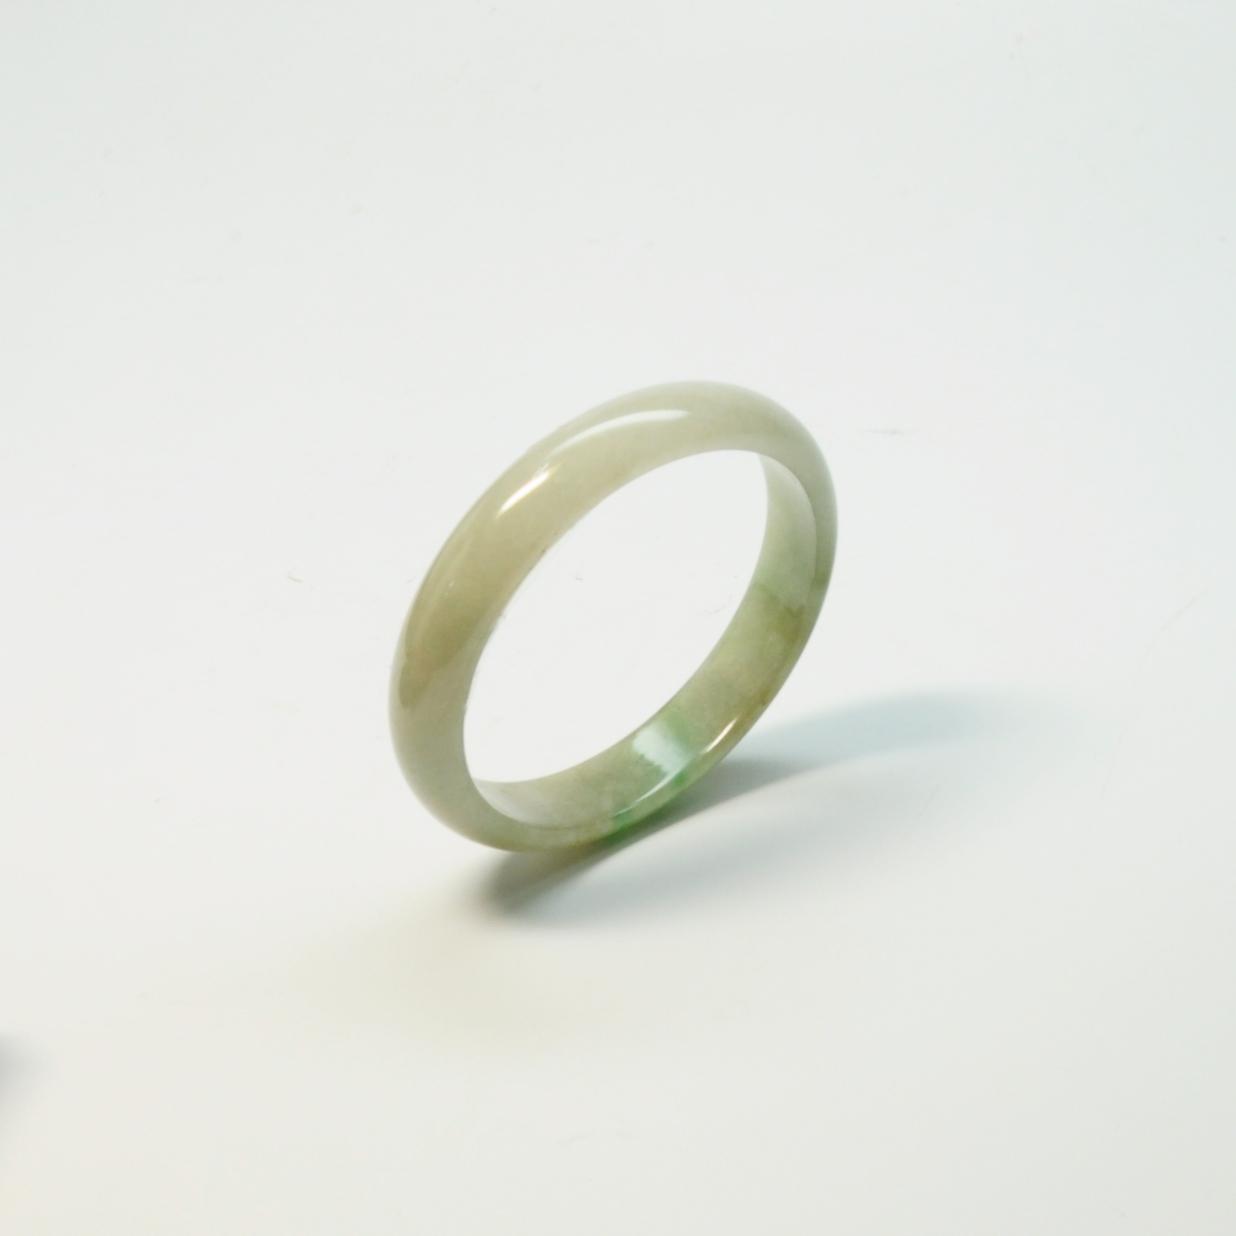 翡翠冰種手鐲(Jadeite)